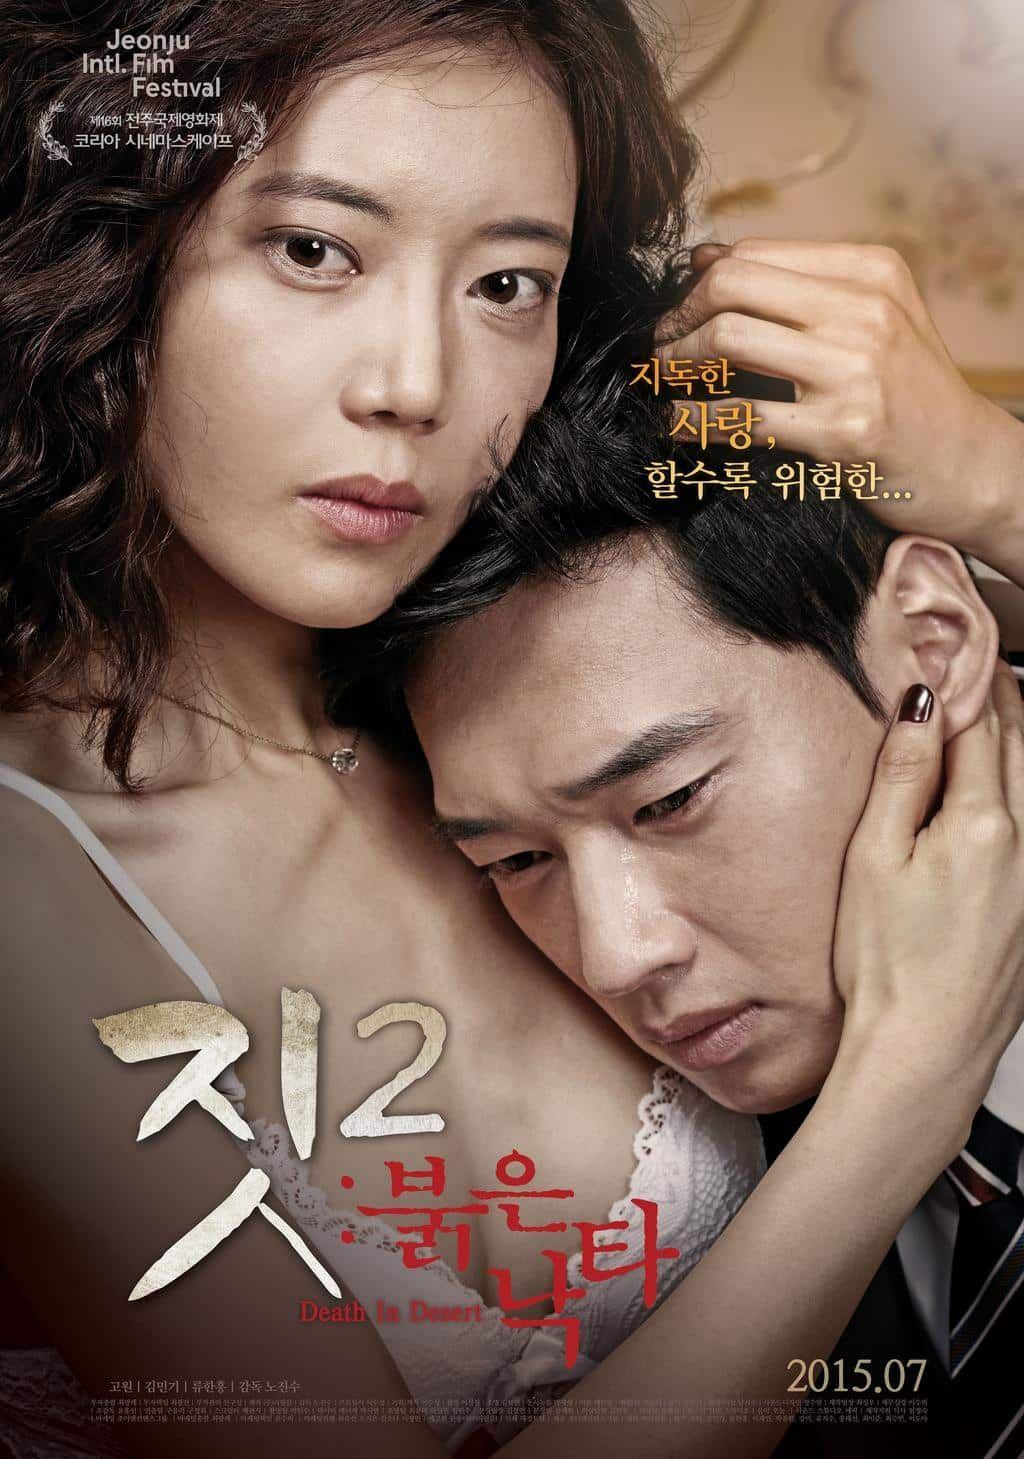 Free download korean movie death in desert 2015 subtitle free download korean movie death in desert 2015 subtitle indonesiadownload korean movie voltagebd Gallery